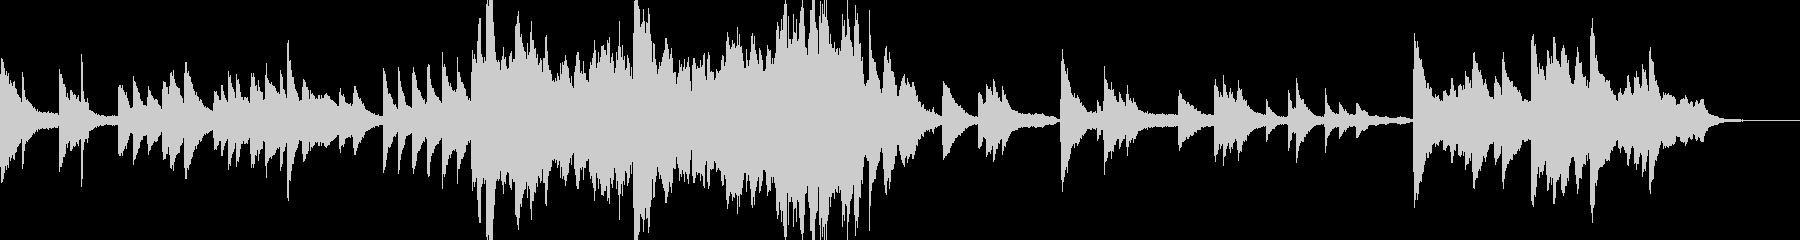 切ない旋律のバラードの未再生の波形